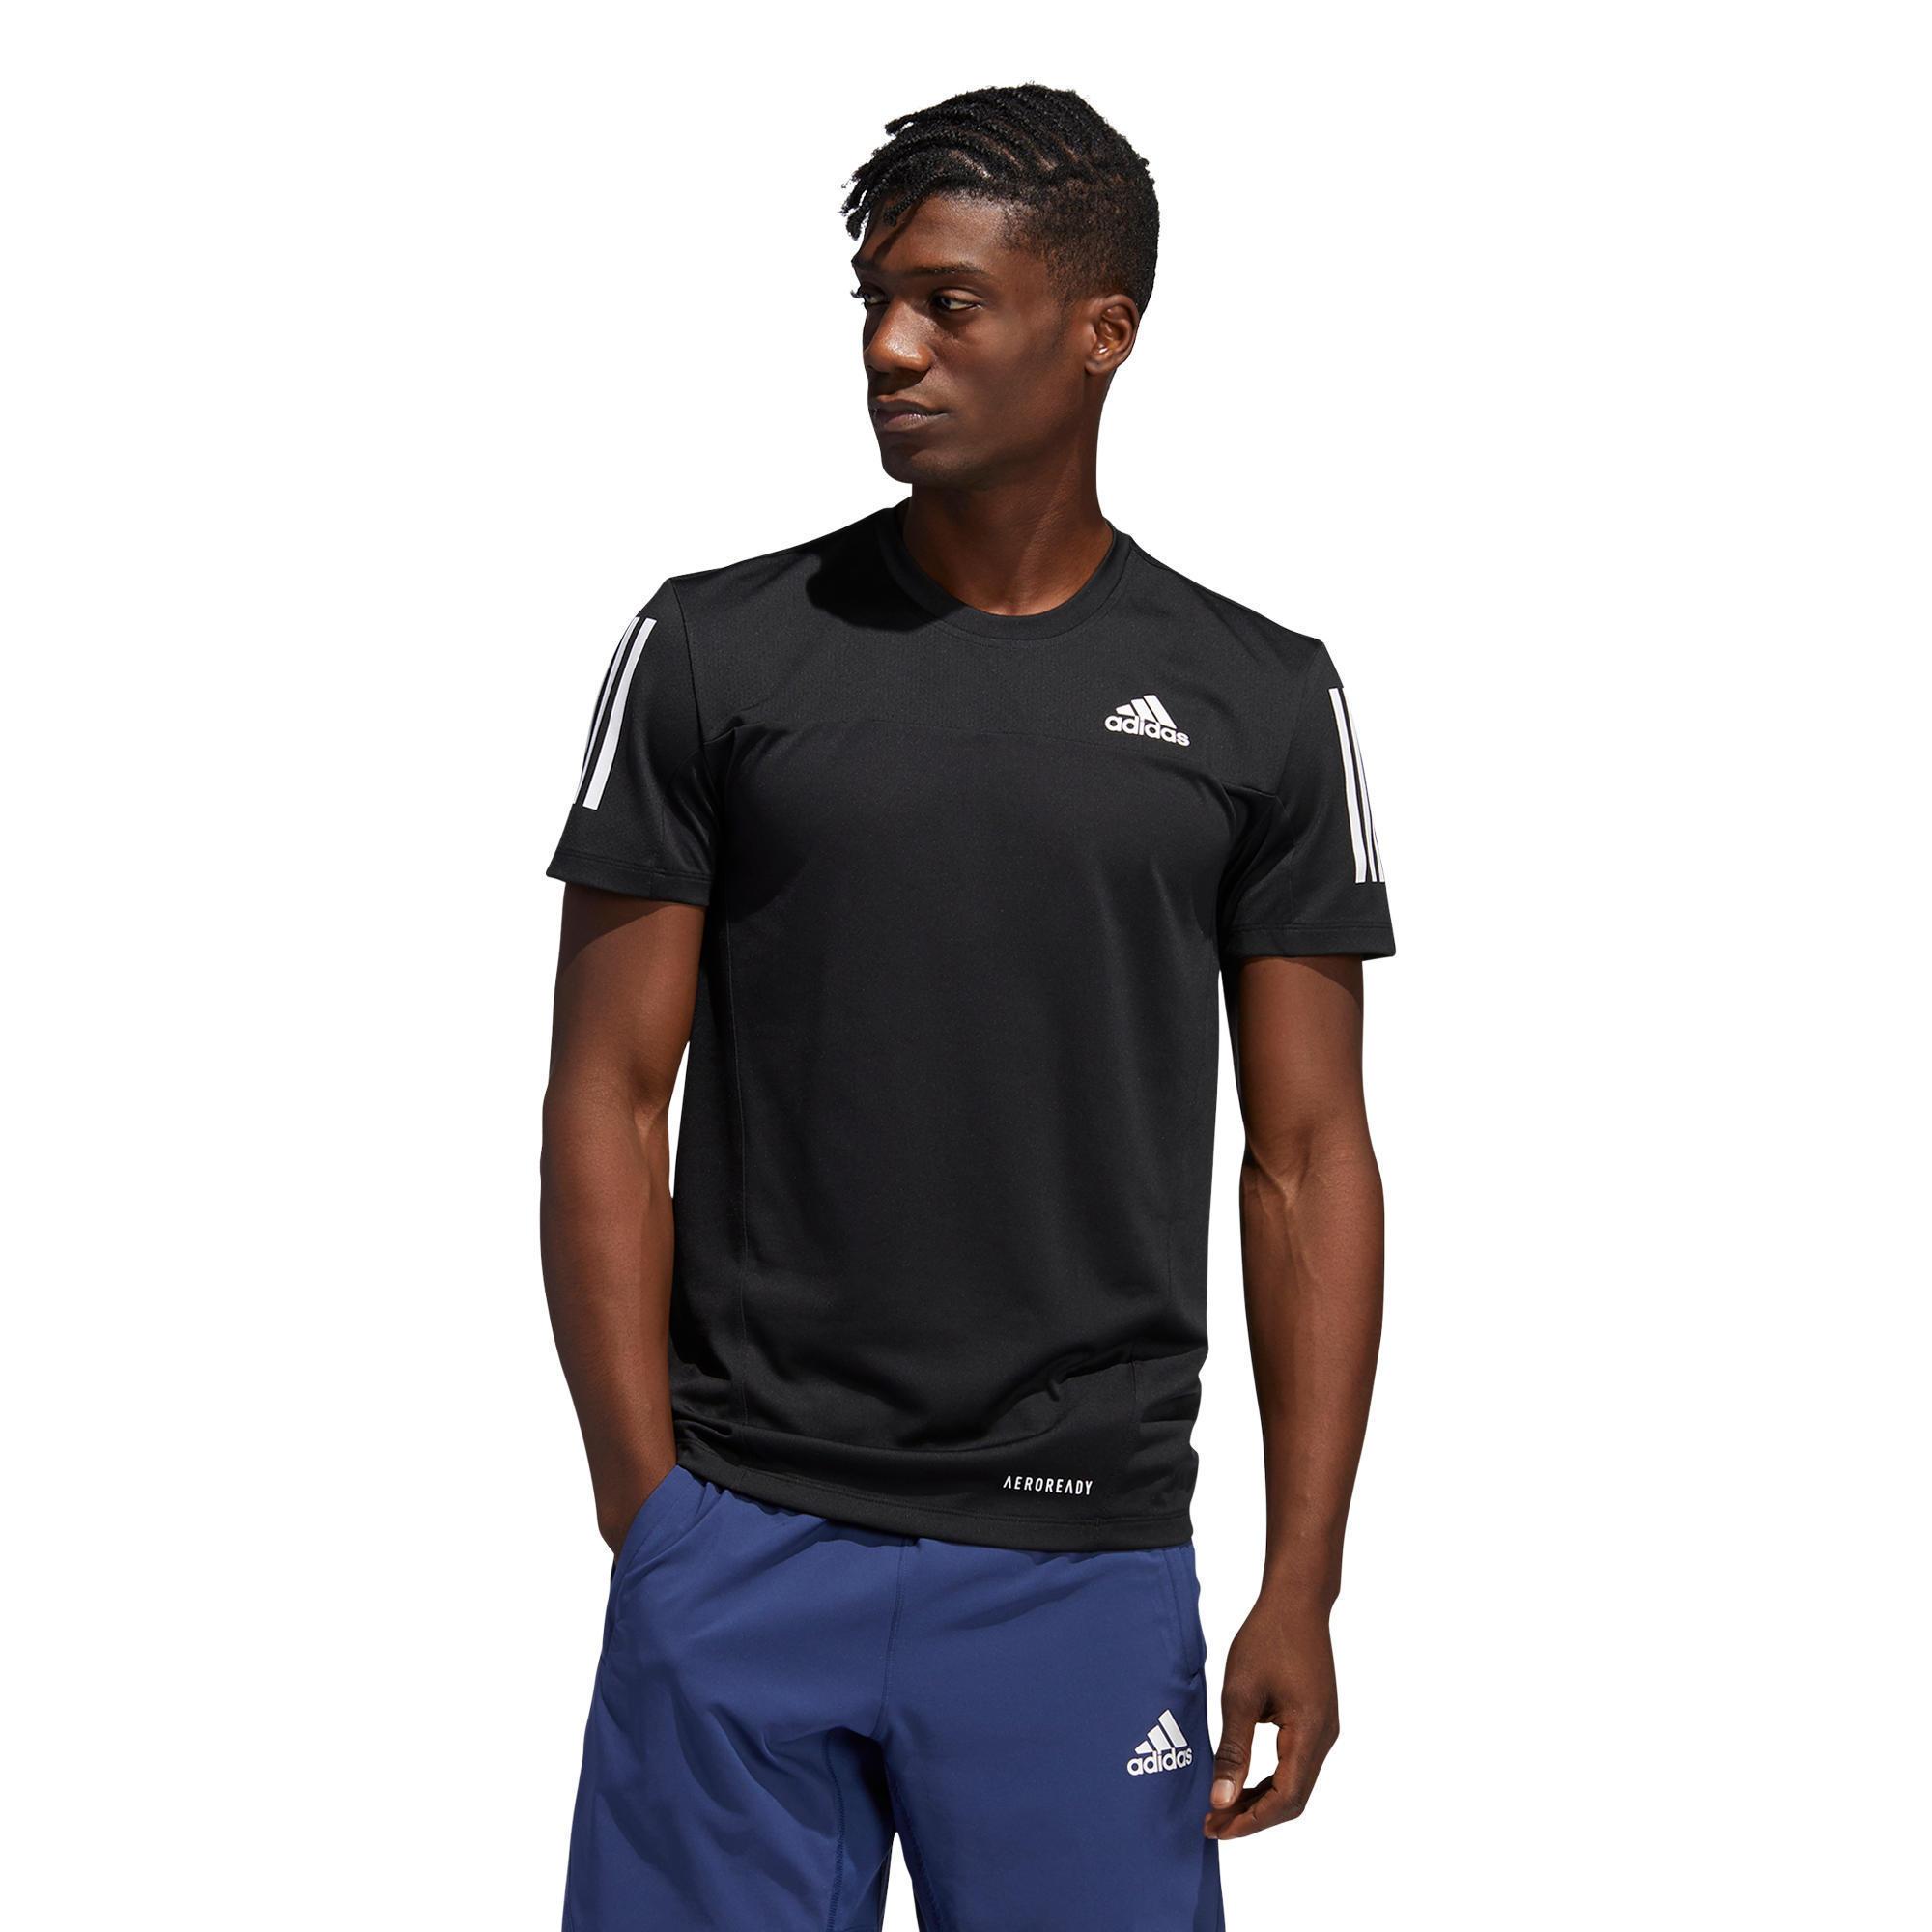 Obediencia conversacion Rectángulo  camiseta adidas decathlon baratas online